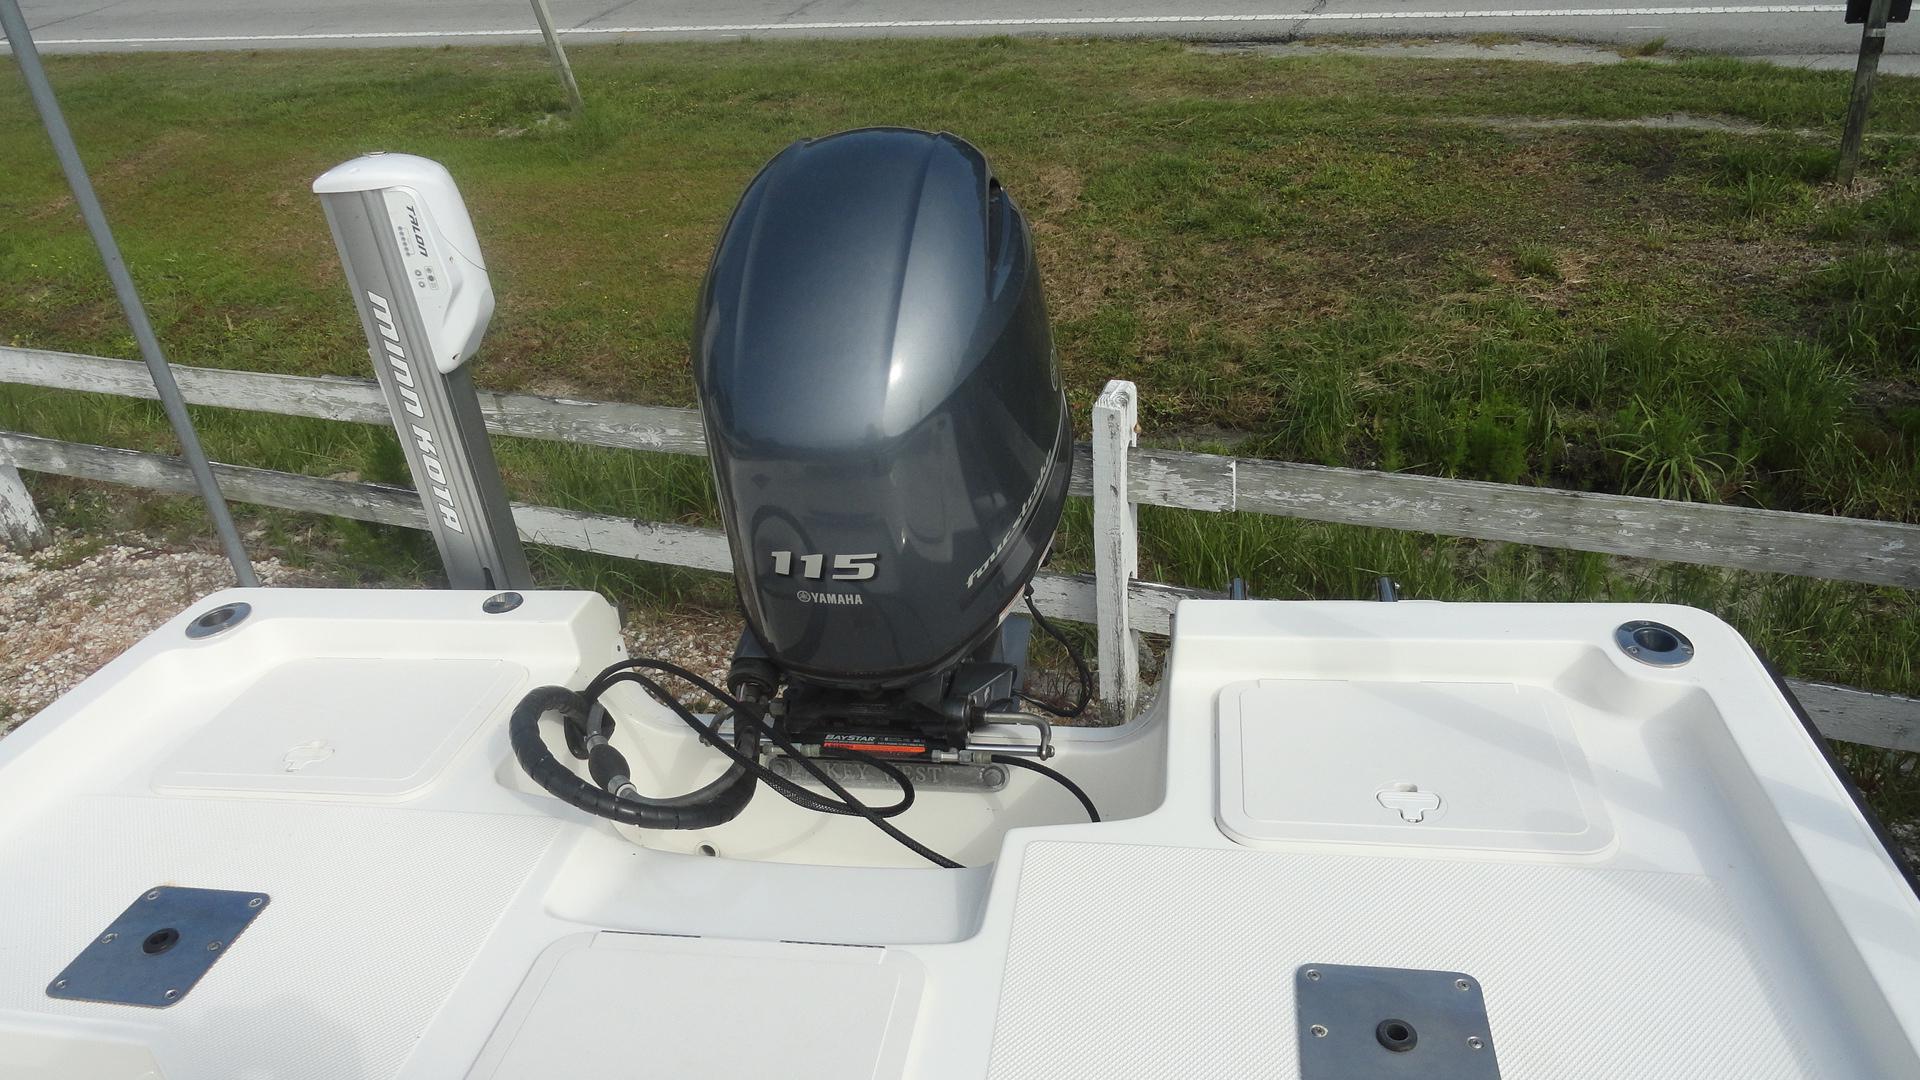 https://0201.nccdn.net/1_2/000/000/13c/9bf/Conner--Back-of-boat--motor.JPG